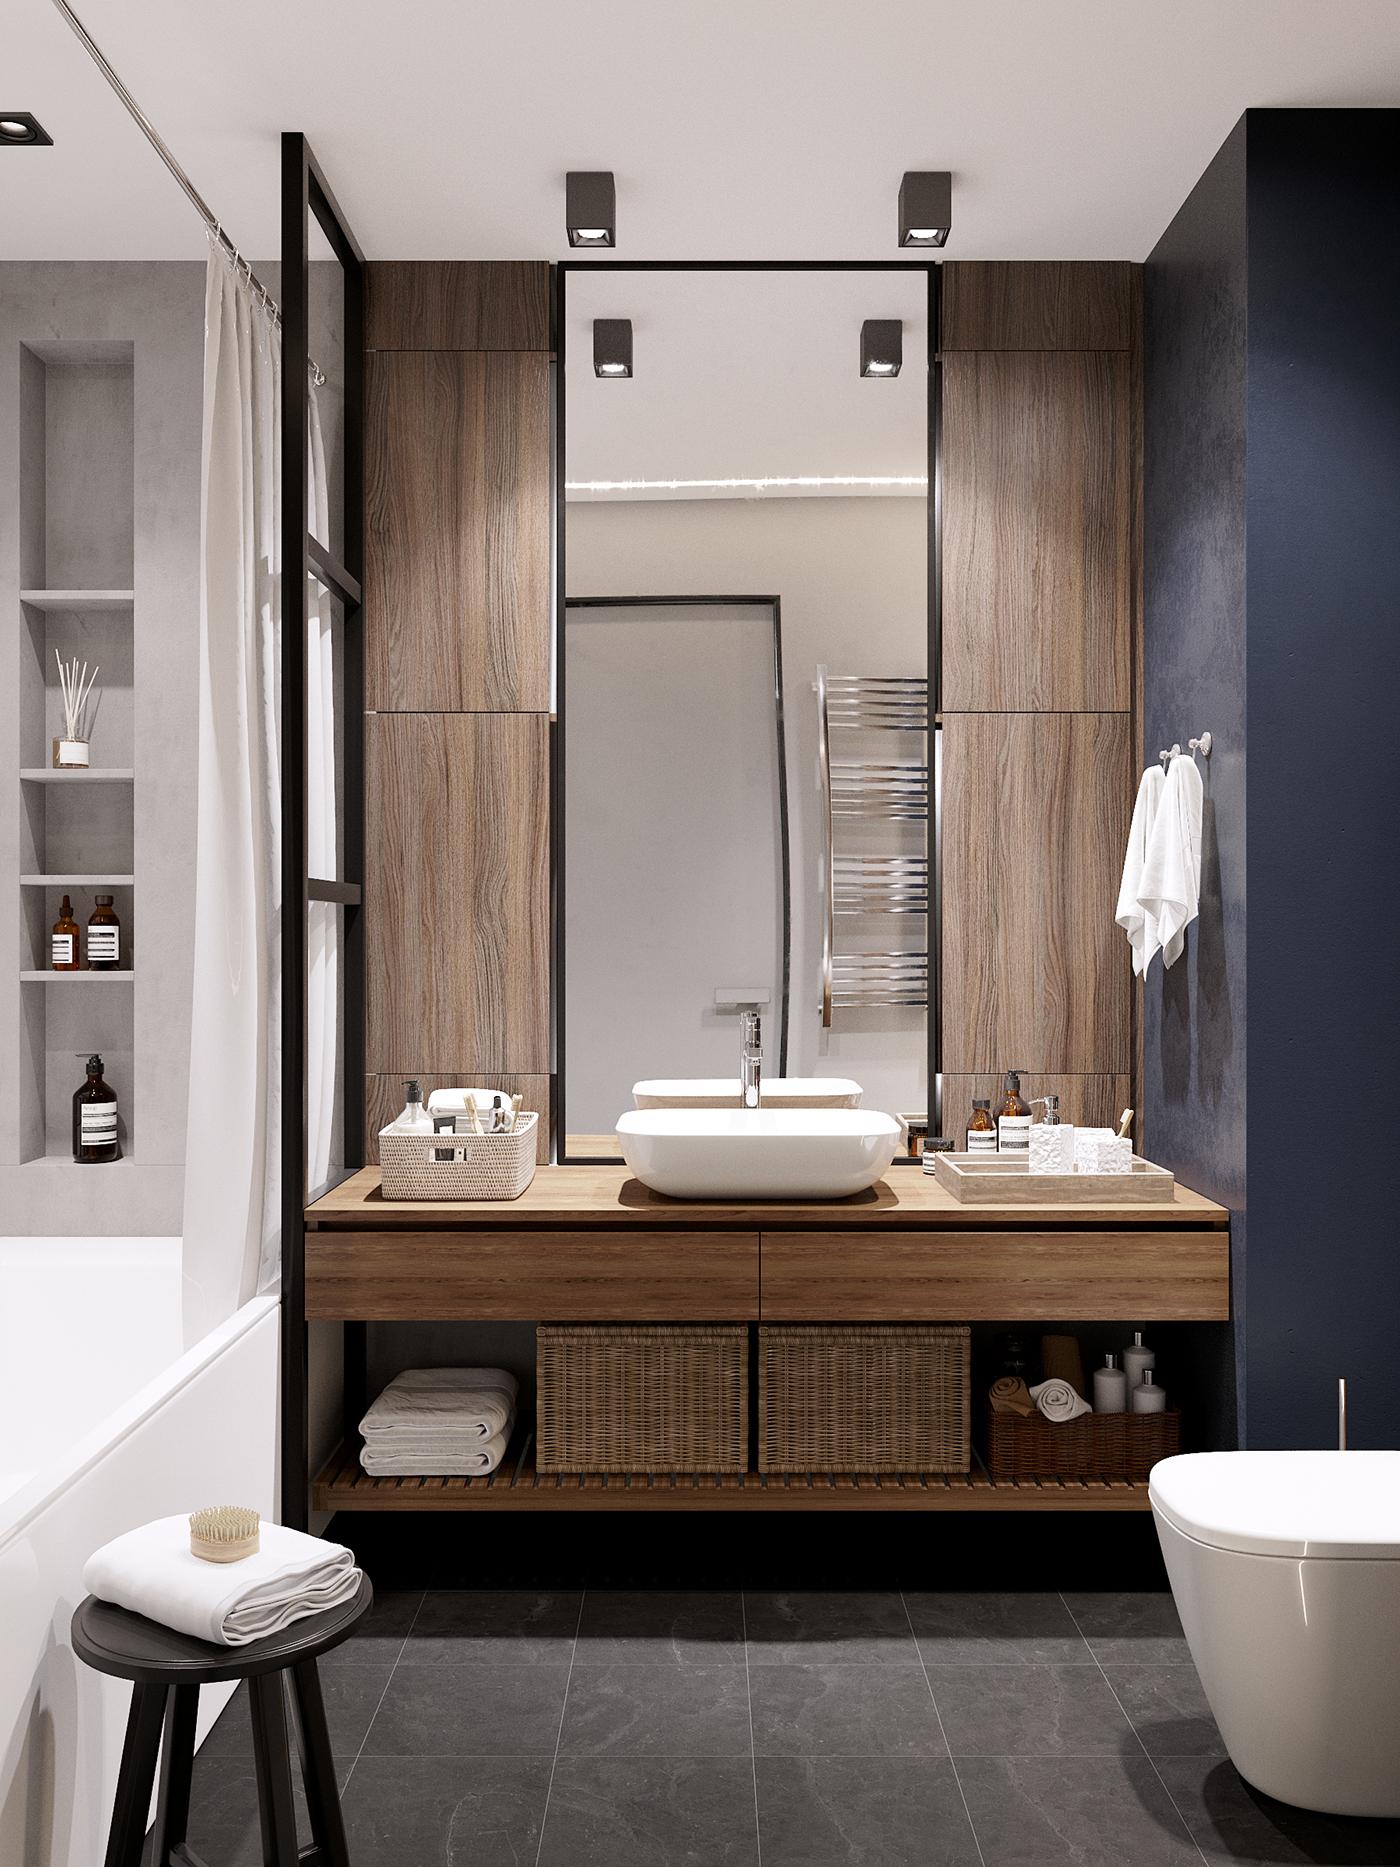 Deze kleine badkamer heeft een super leuk ontwerp gekregen